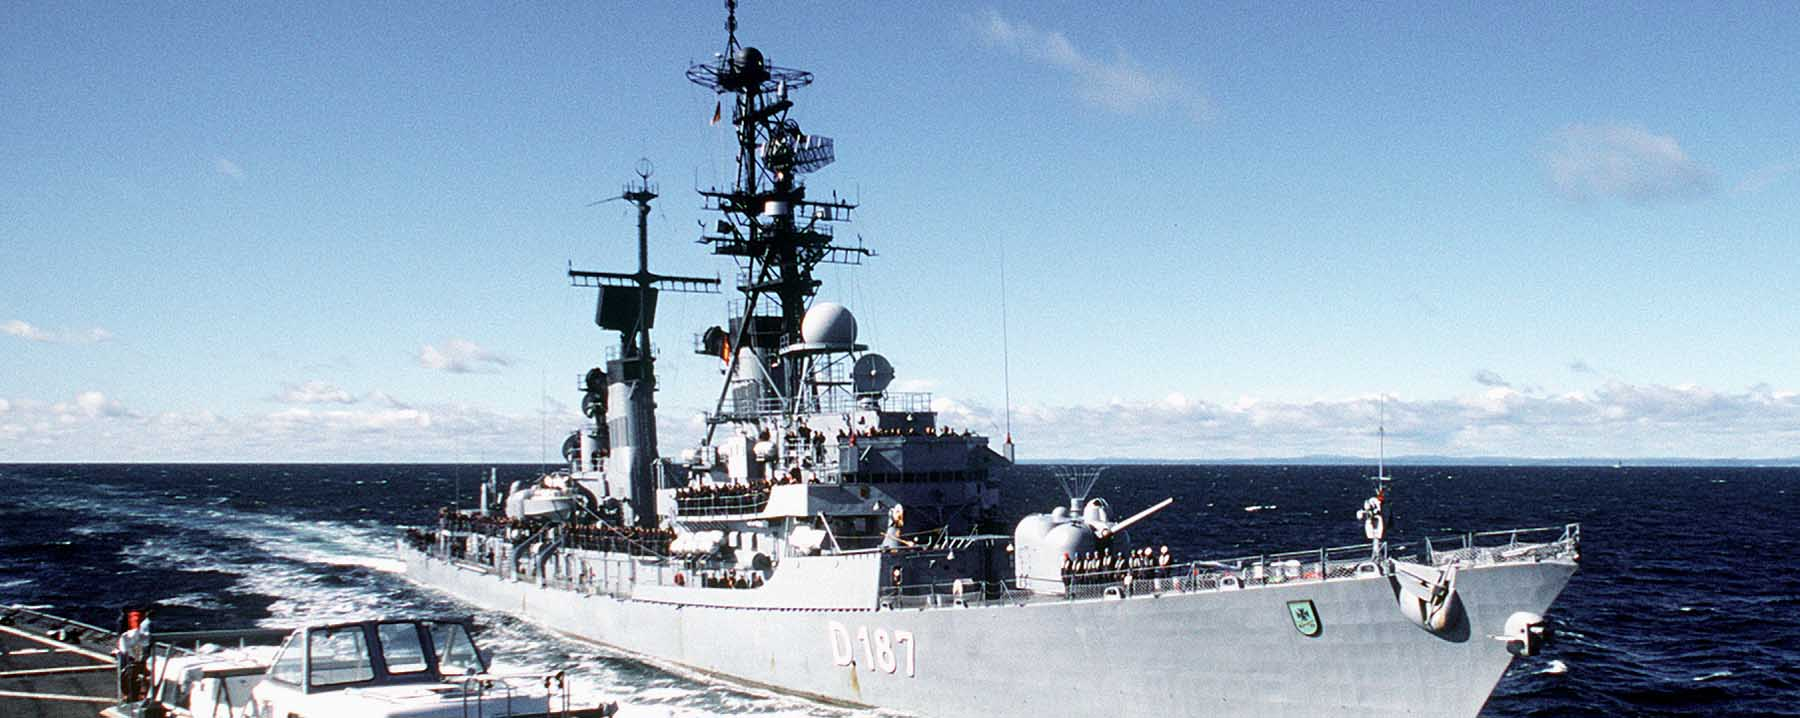 Lütjens class Destroyers (1965)